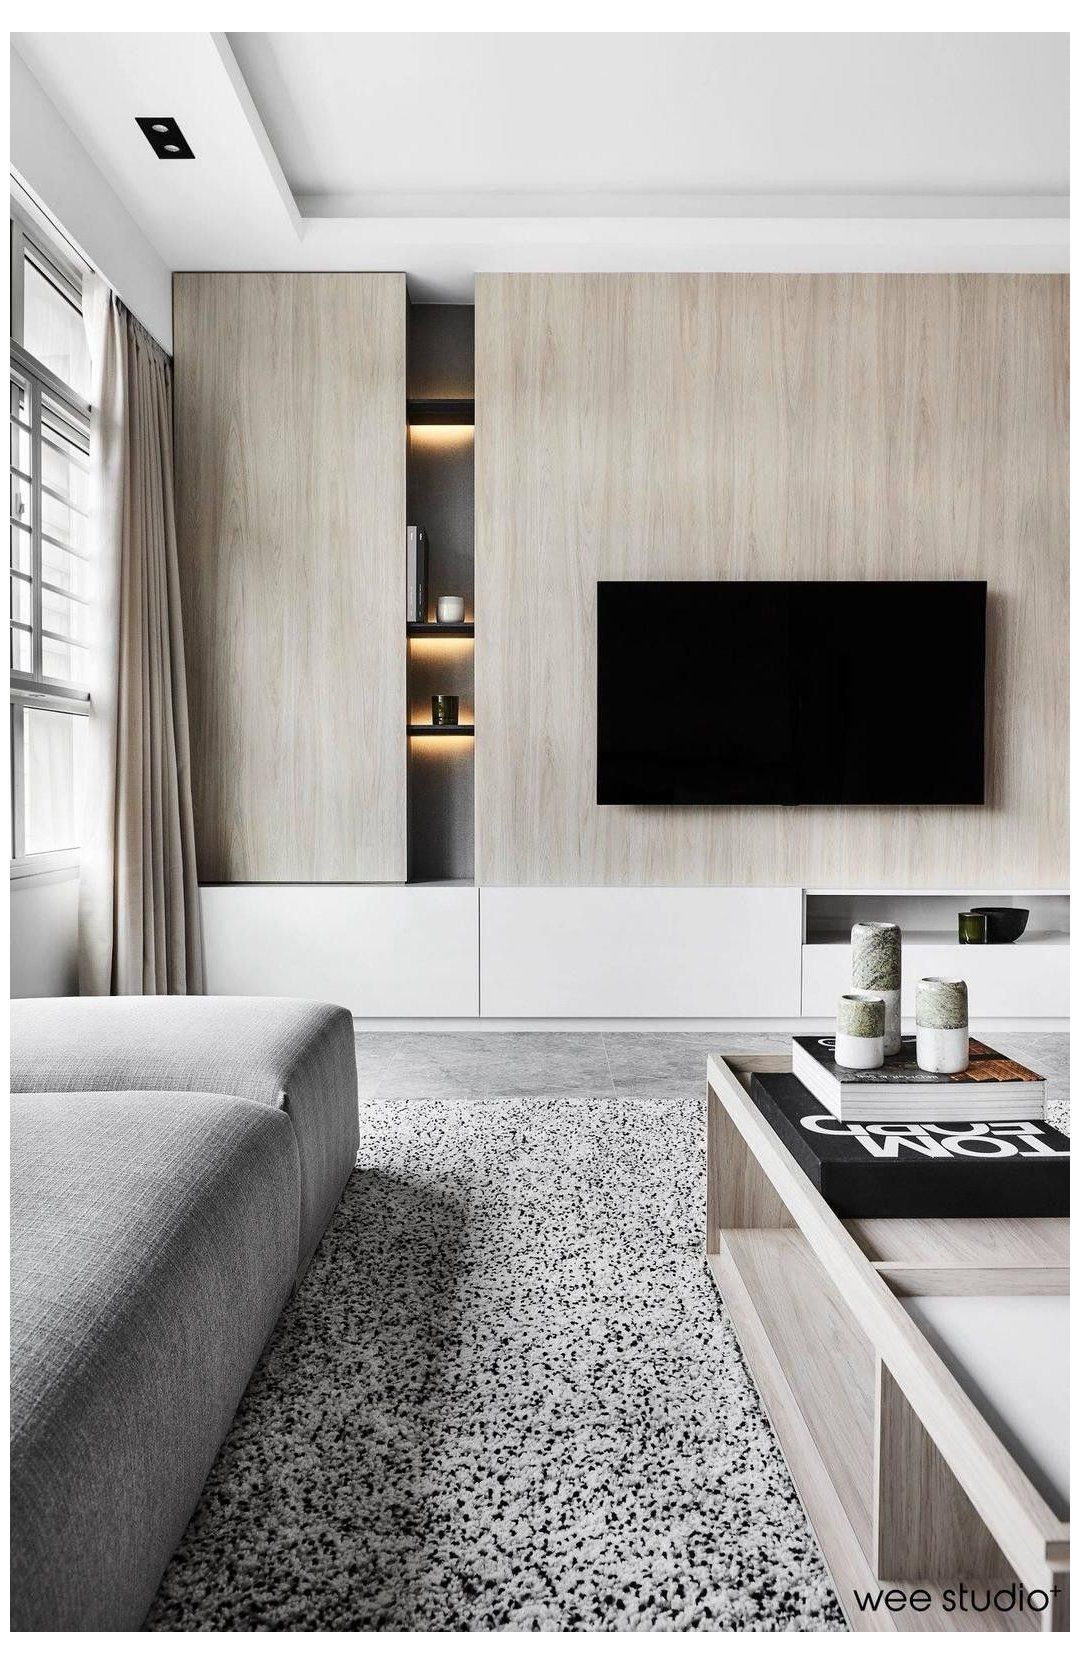 Hidden Storage Living Room Tv Wall With Hidden Storage Living Room Storage Wall Living Room Wall Units Home Living Room Living room ideas storage